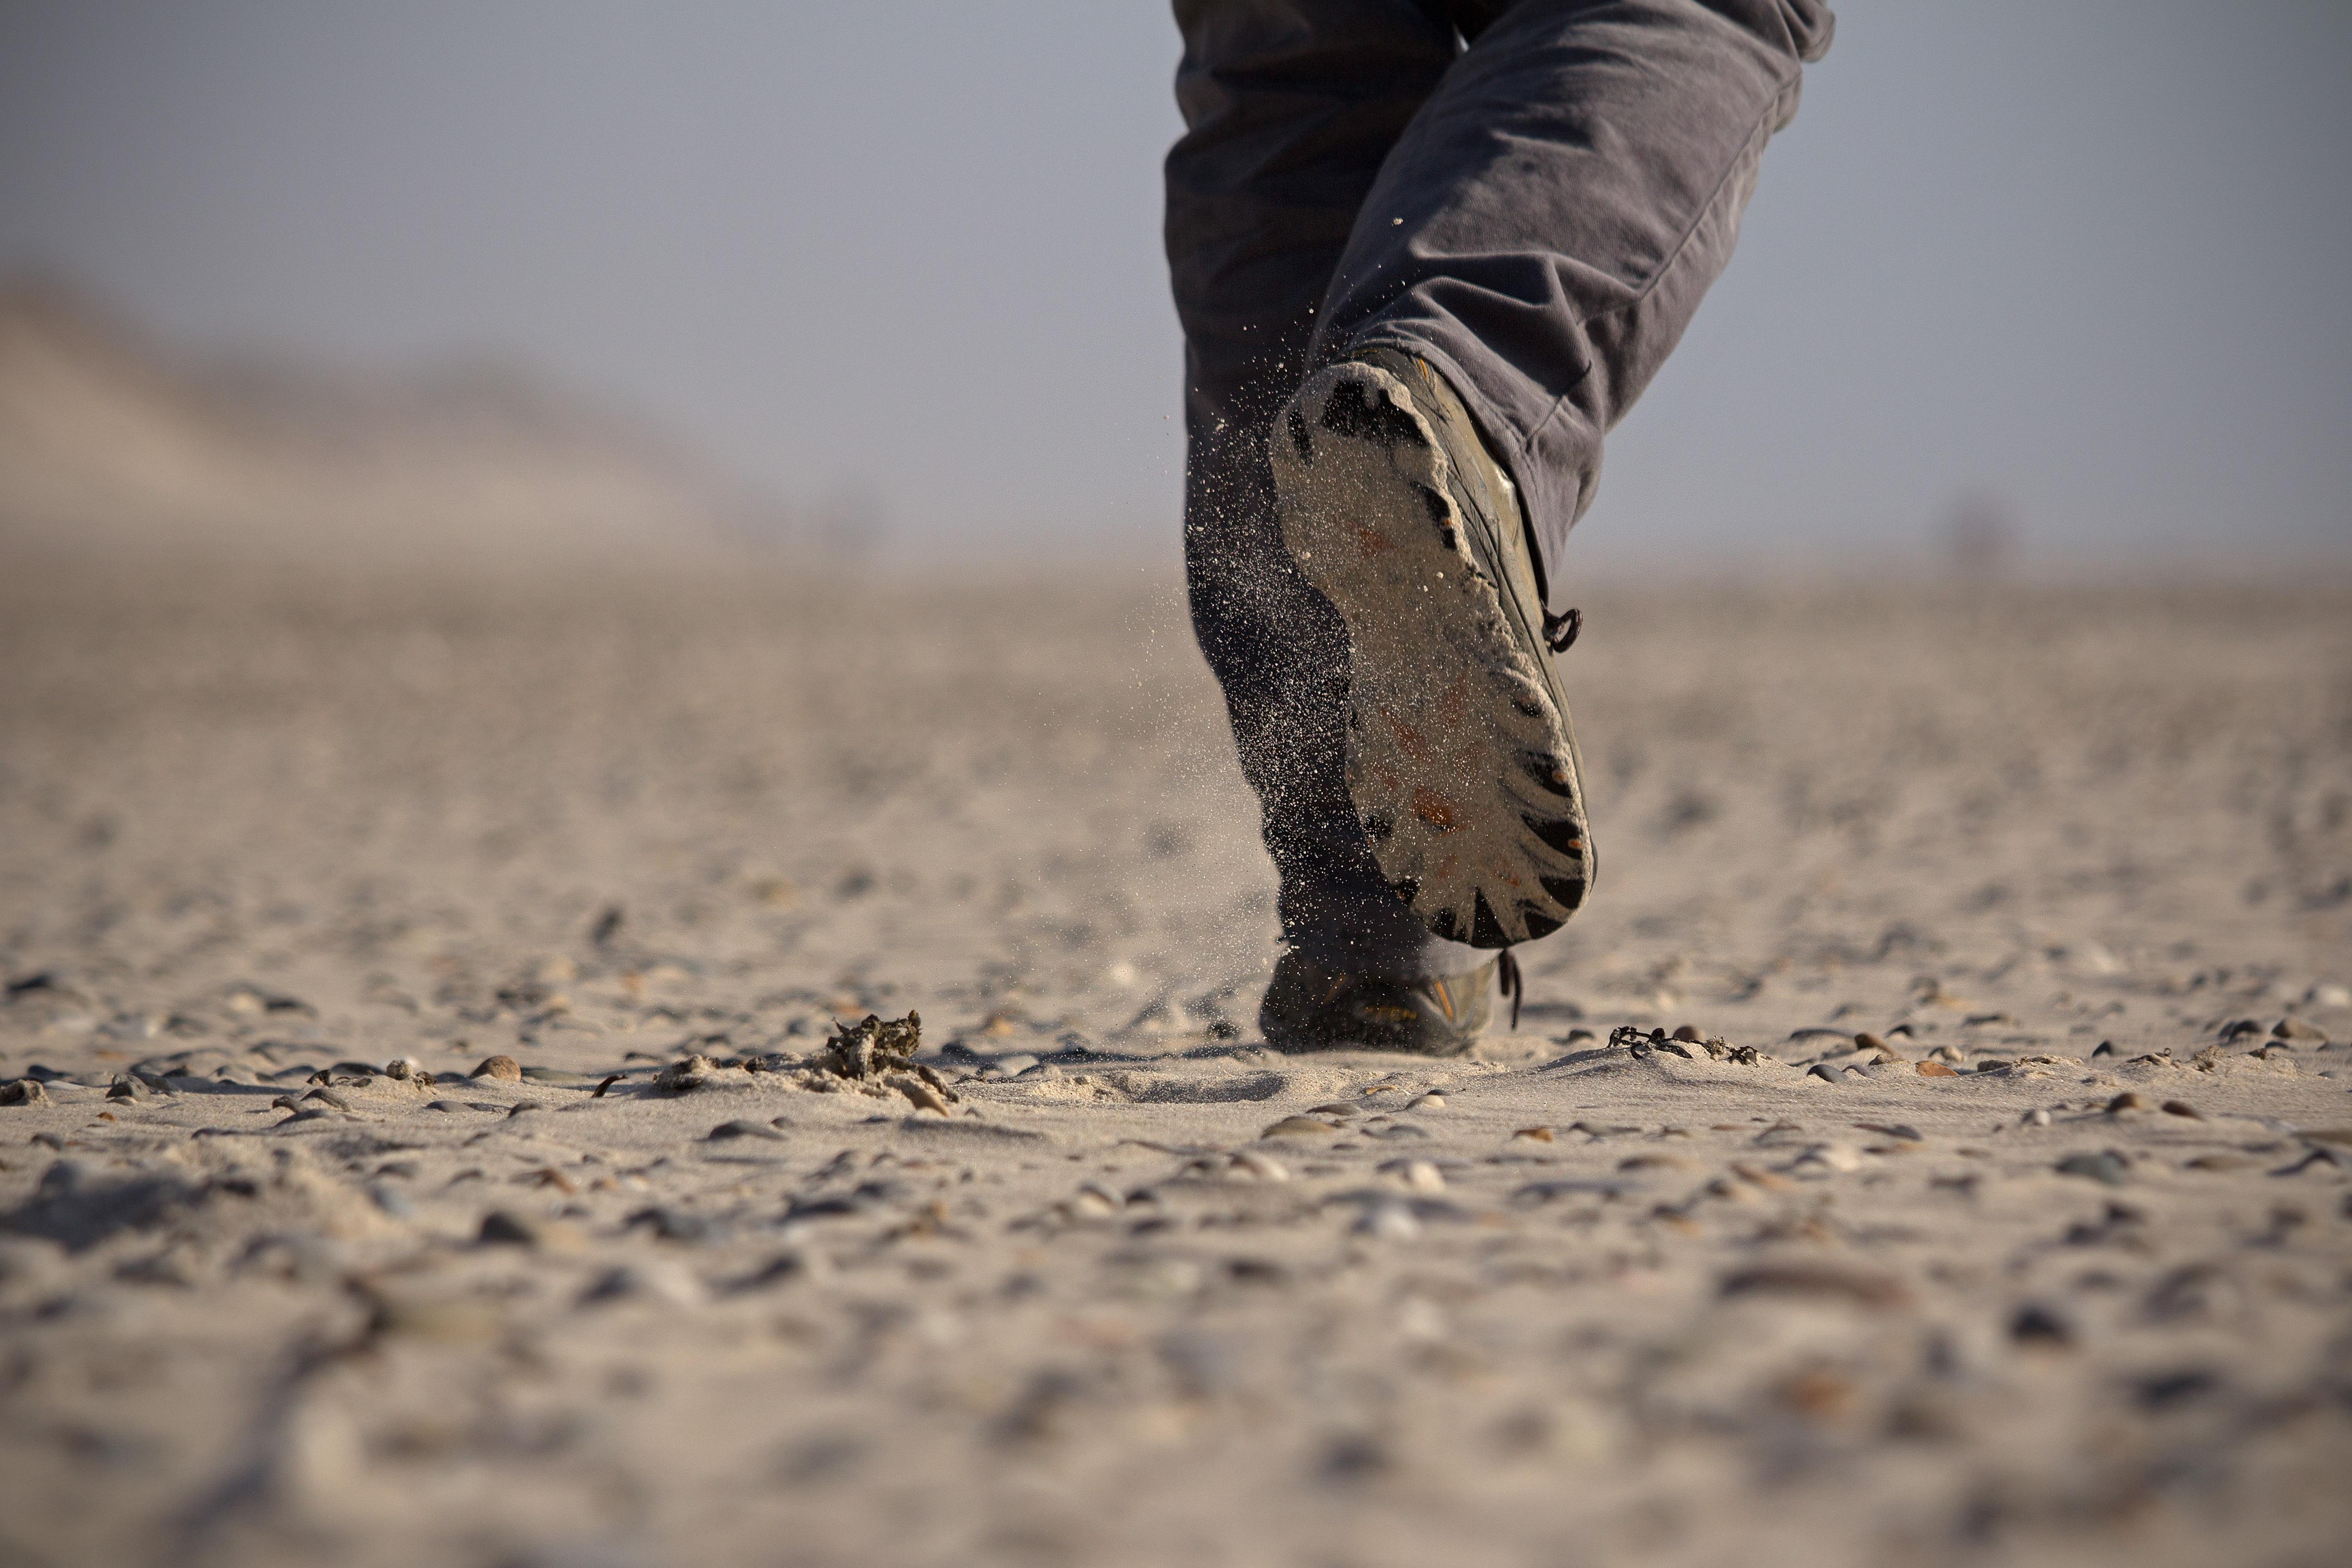 Gambar Pantai Jalan Pasir Langkah Arah Lumpur Tunggal Tanah Gerakan Bahan Merapatkan Sepatu Jauh Pada Kaki